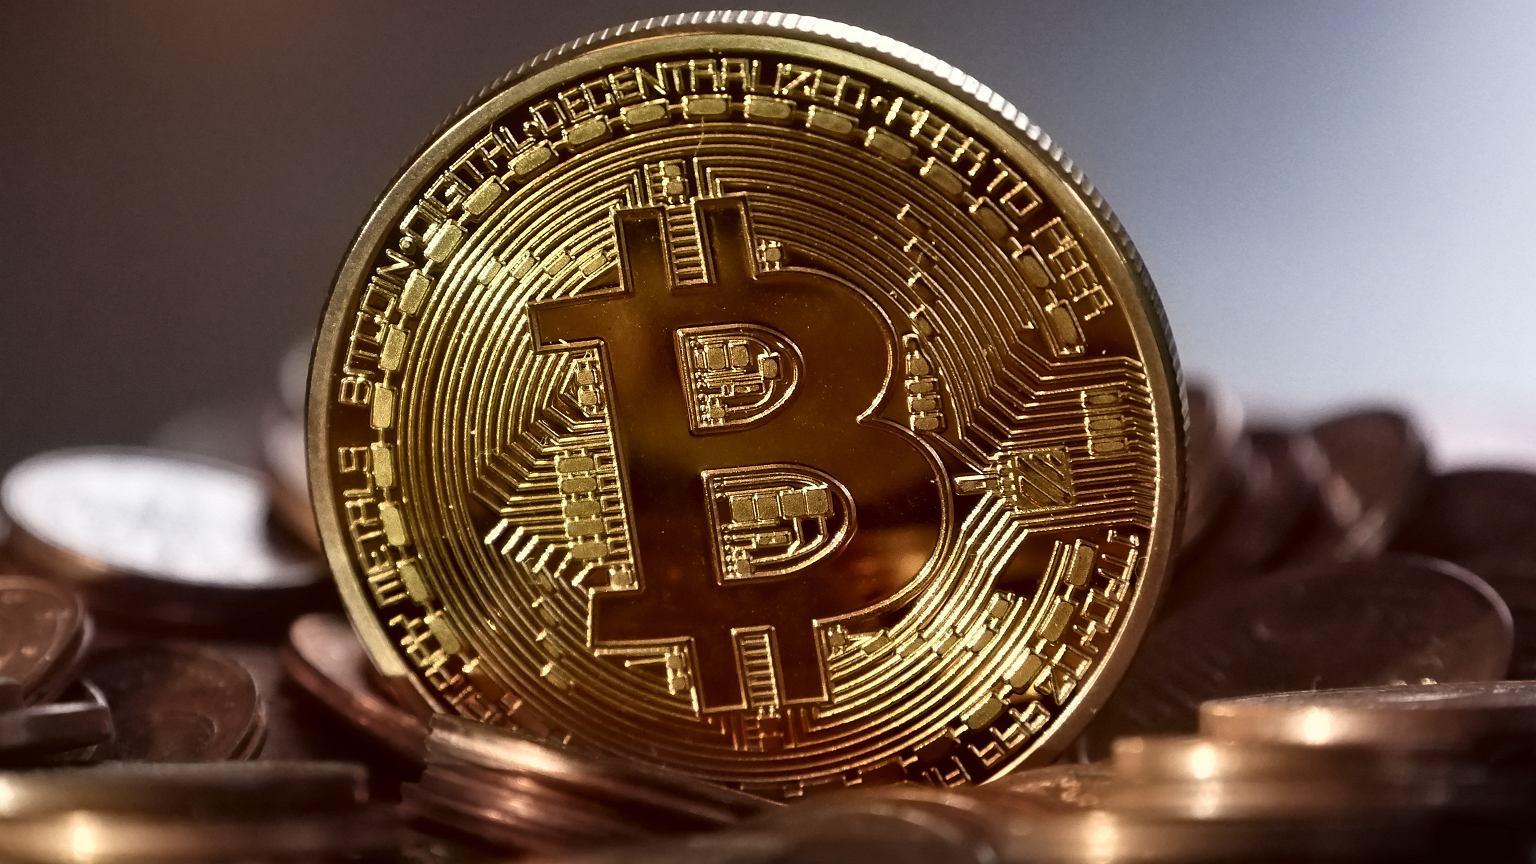 vásárolhatok bitcoint scottrade-vel bitcoin generátor letöltése